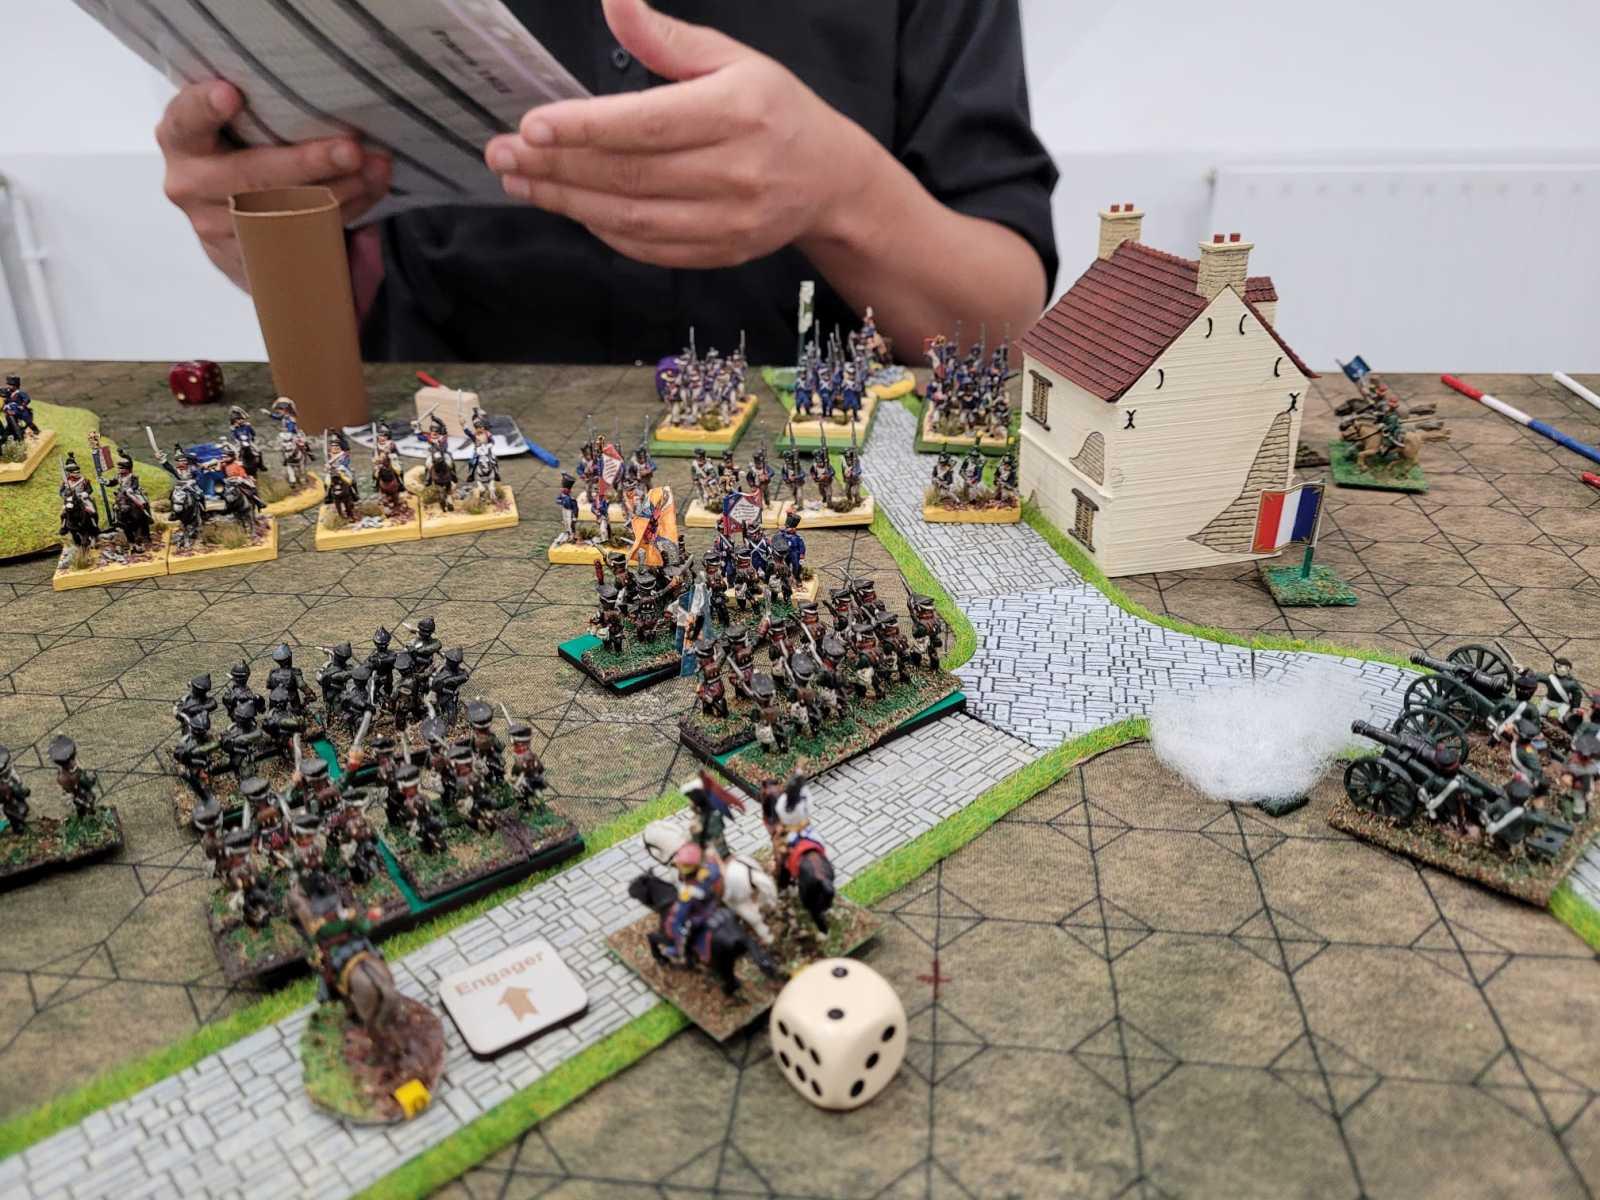 Un point de règle à éclaircir avant de compter les morts sur un champ de bataille très dense...